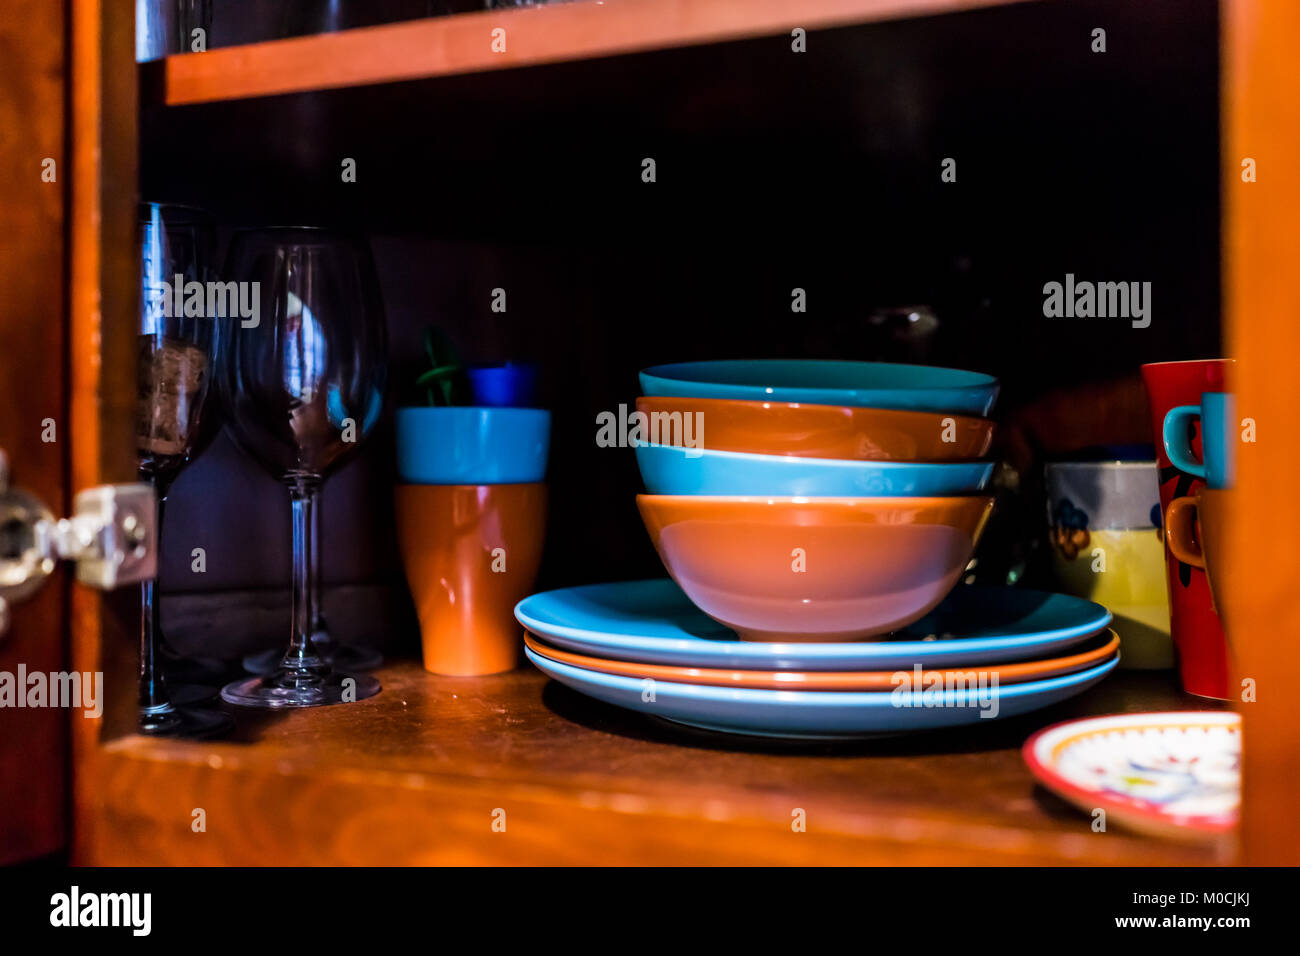 Credenza Per Bicchieri : Aprire cucina in legno sportello armadio credenza con molti piatti